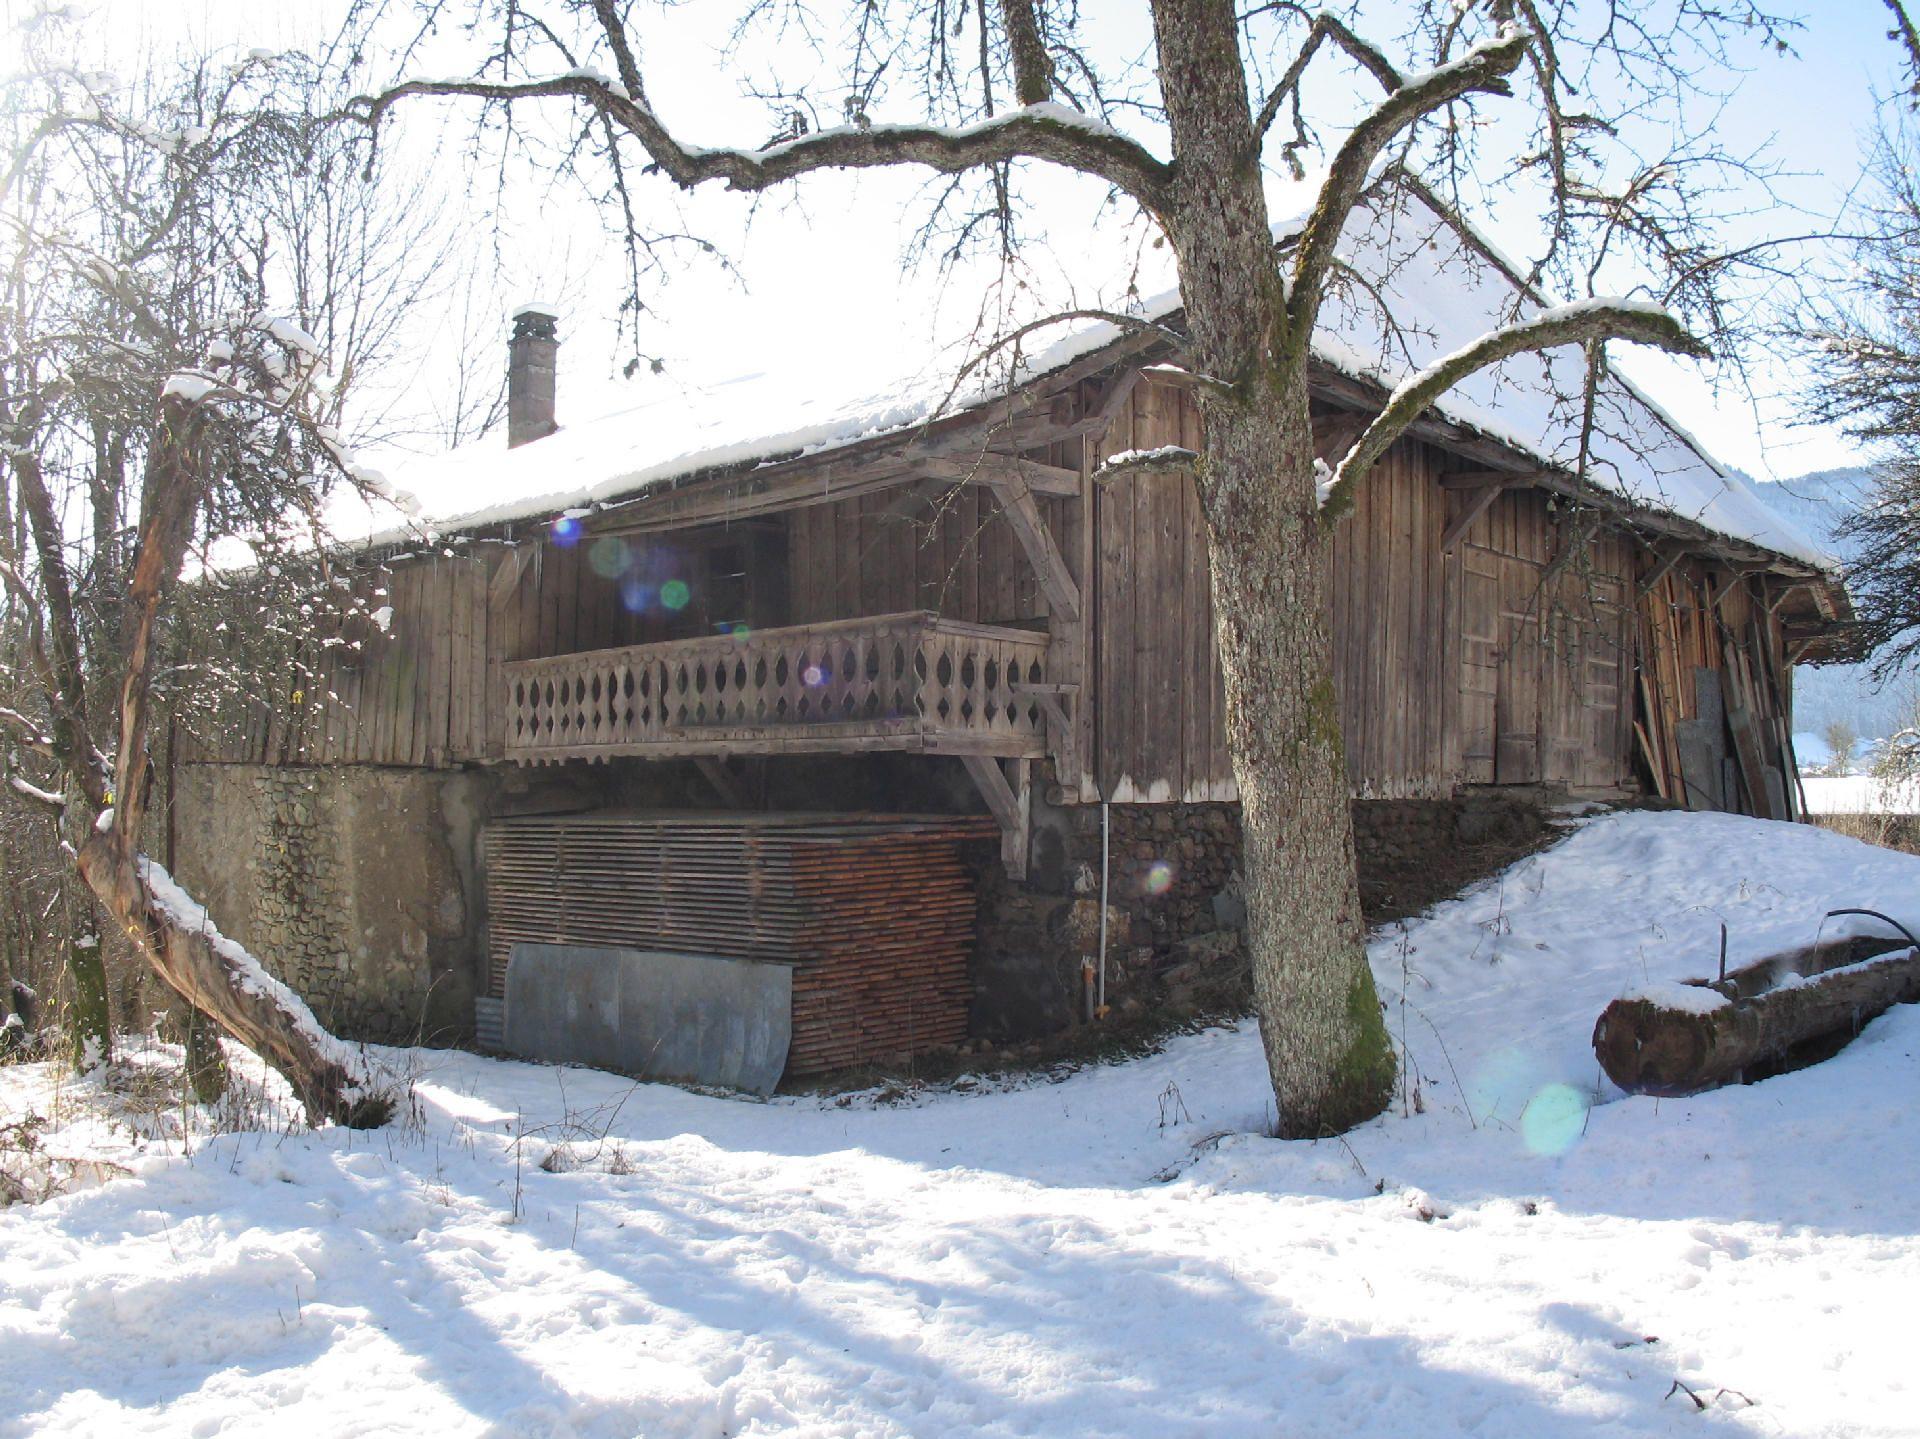 Maison a renover haute savoie maisons pices en vente en - Ferme a renover haute savoie ...